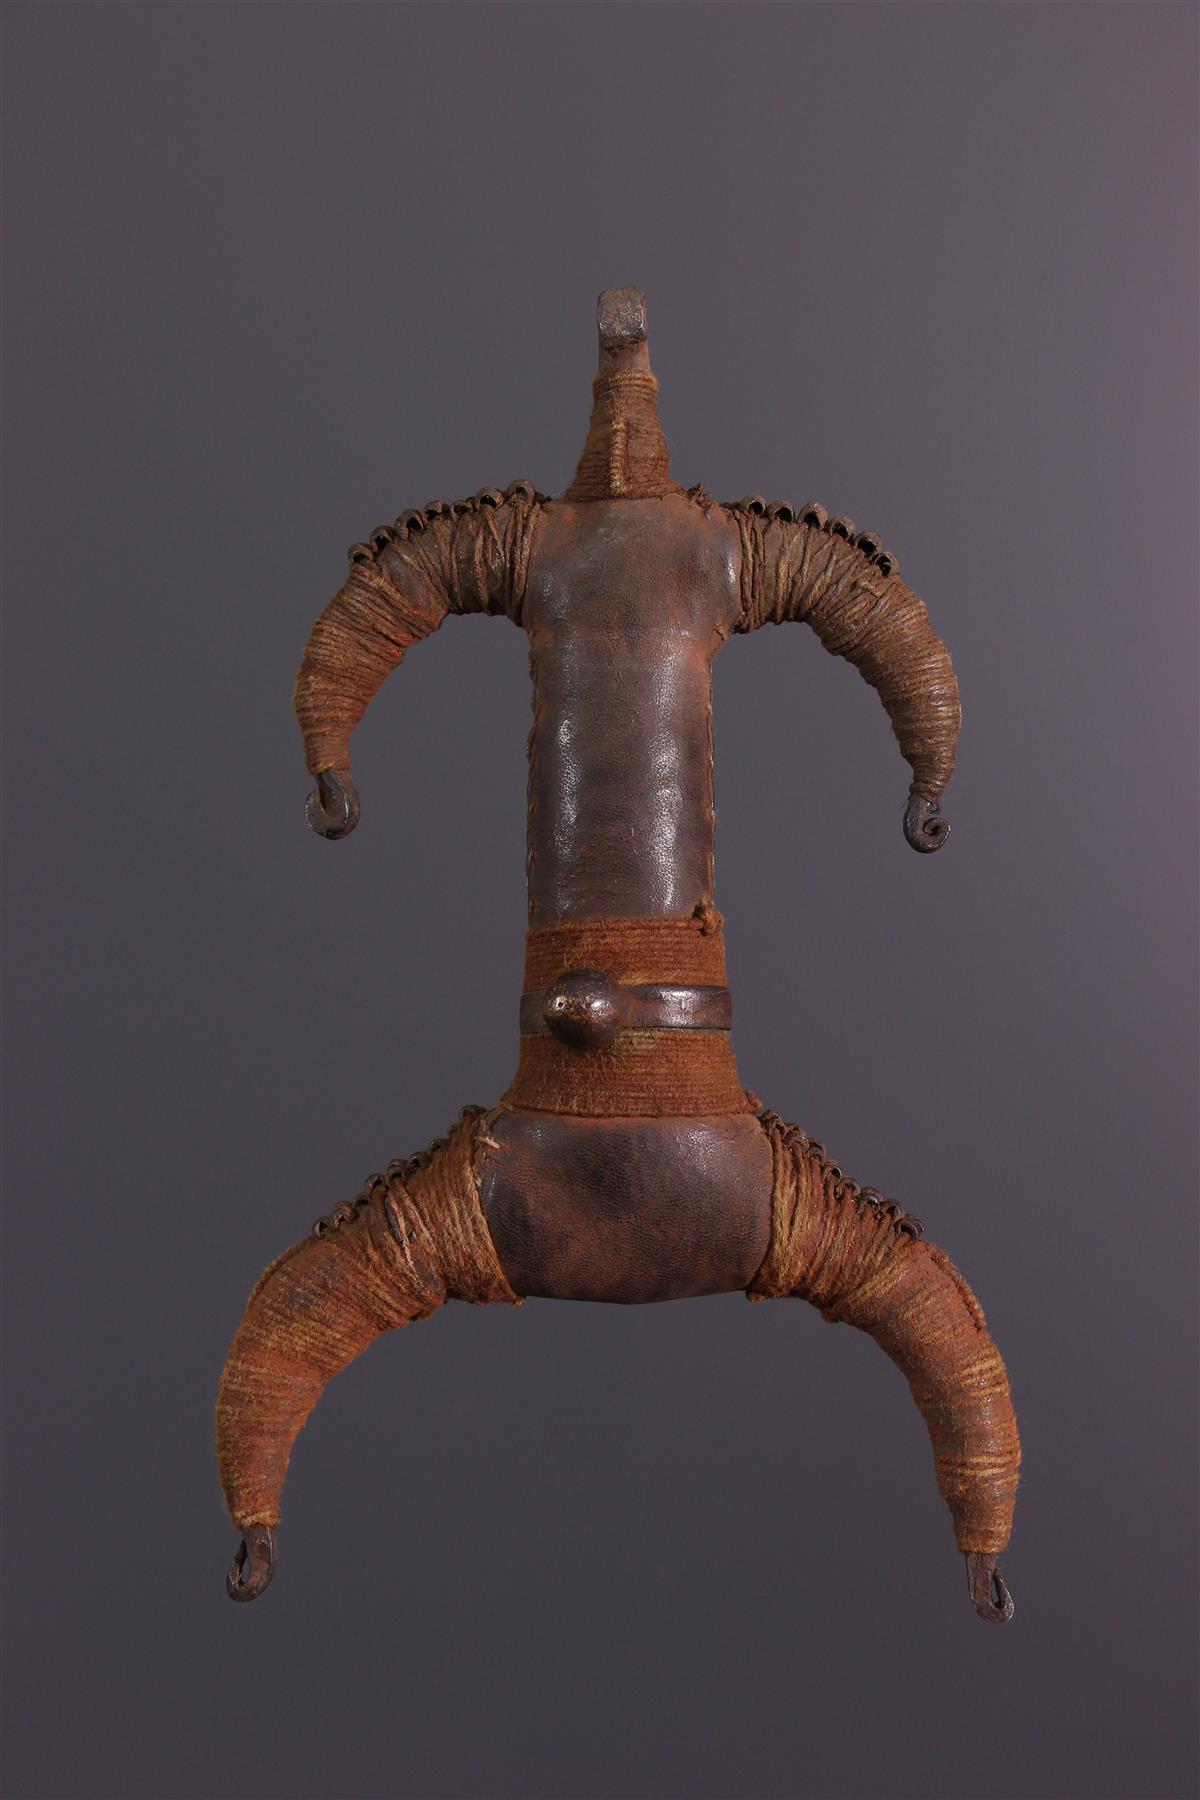 Fertility doll - African art